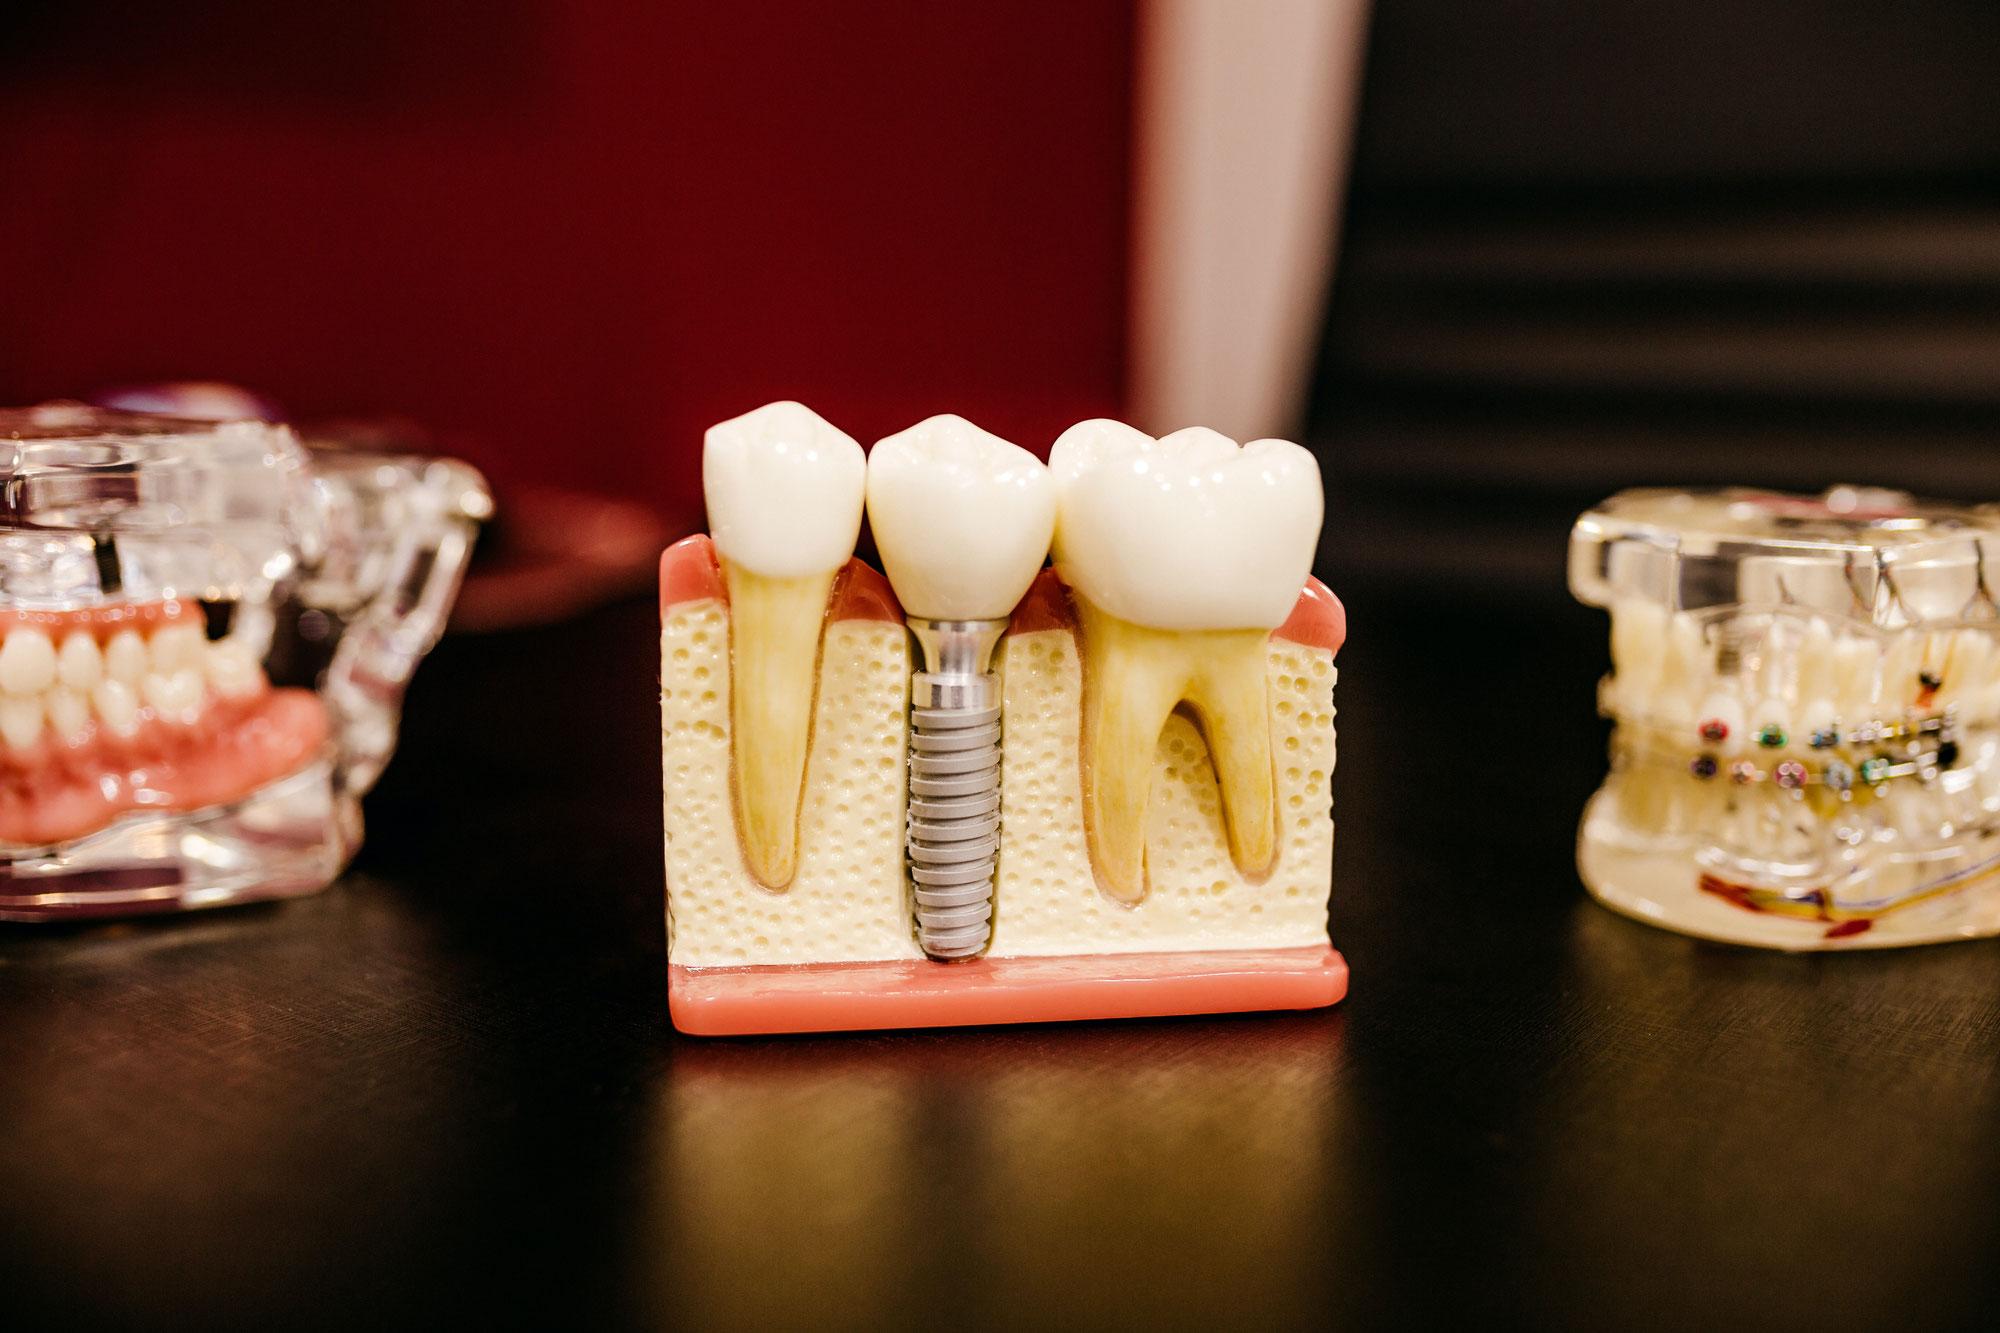 Quanto sono grandi gli impianti dentali?